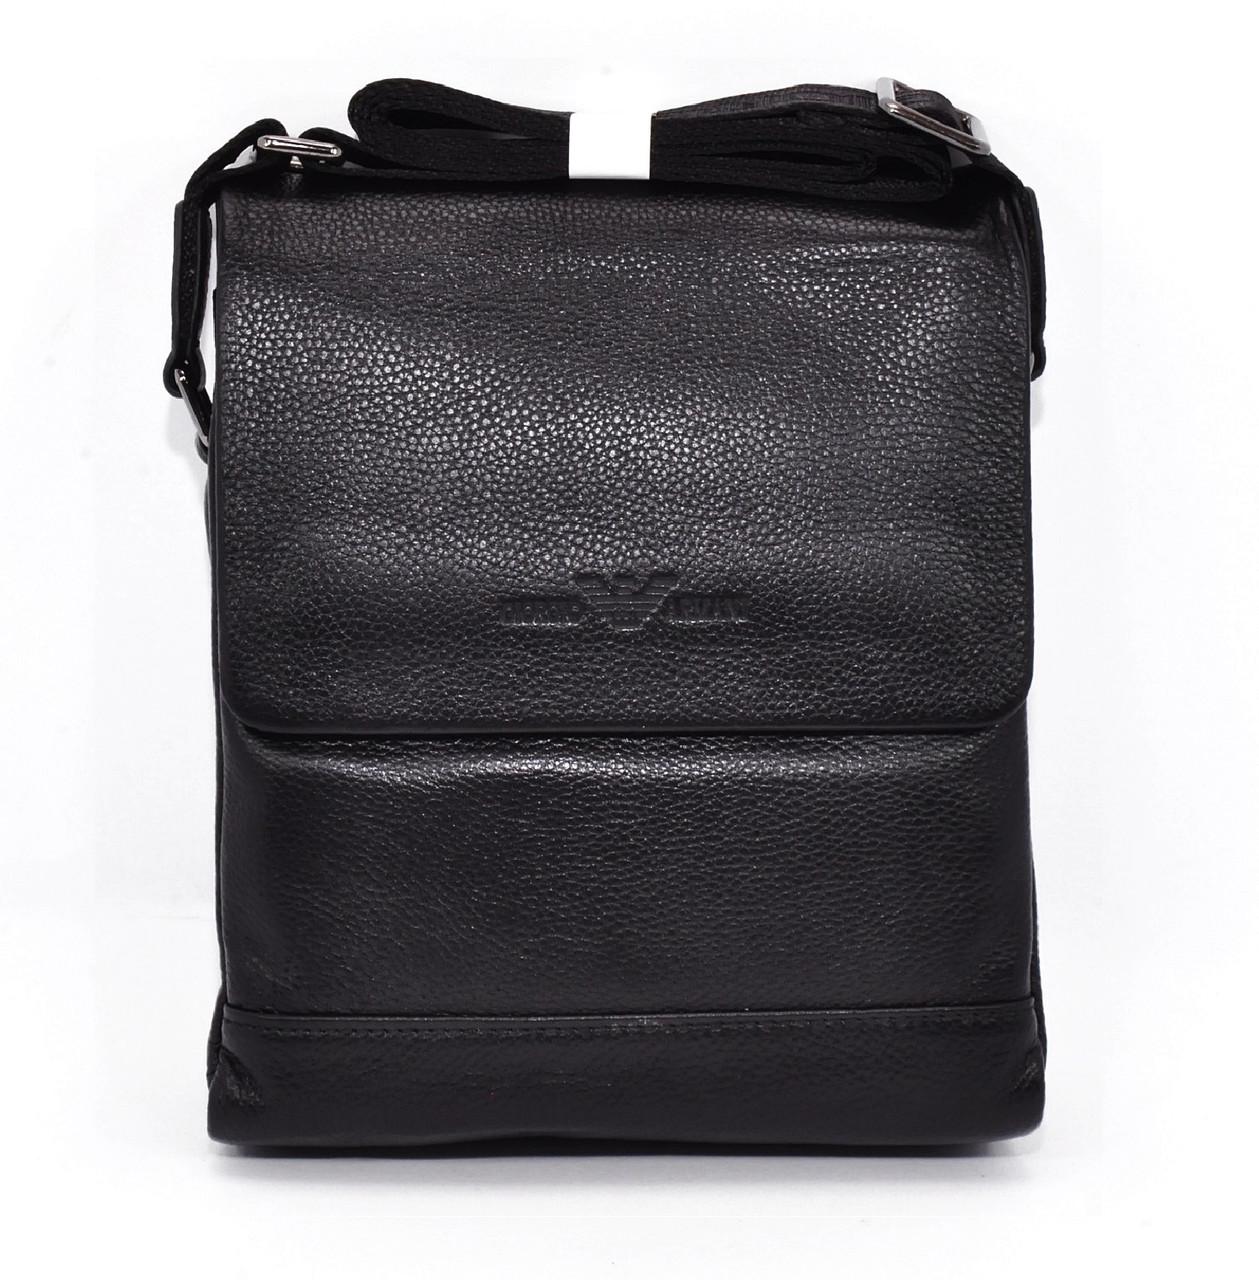 Сумка мужская большая кожаная планшет черная Giorgio Armani 7911-3